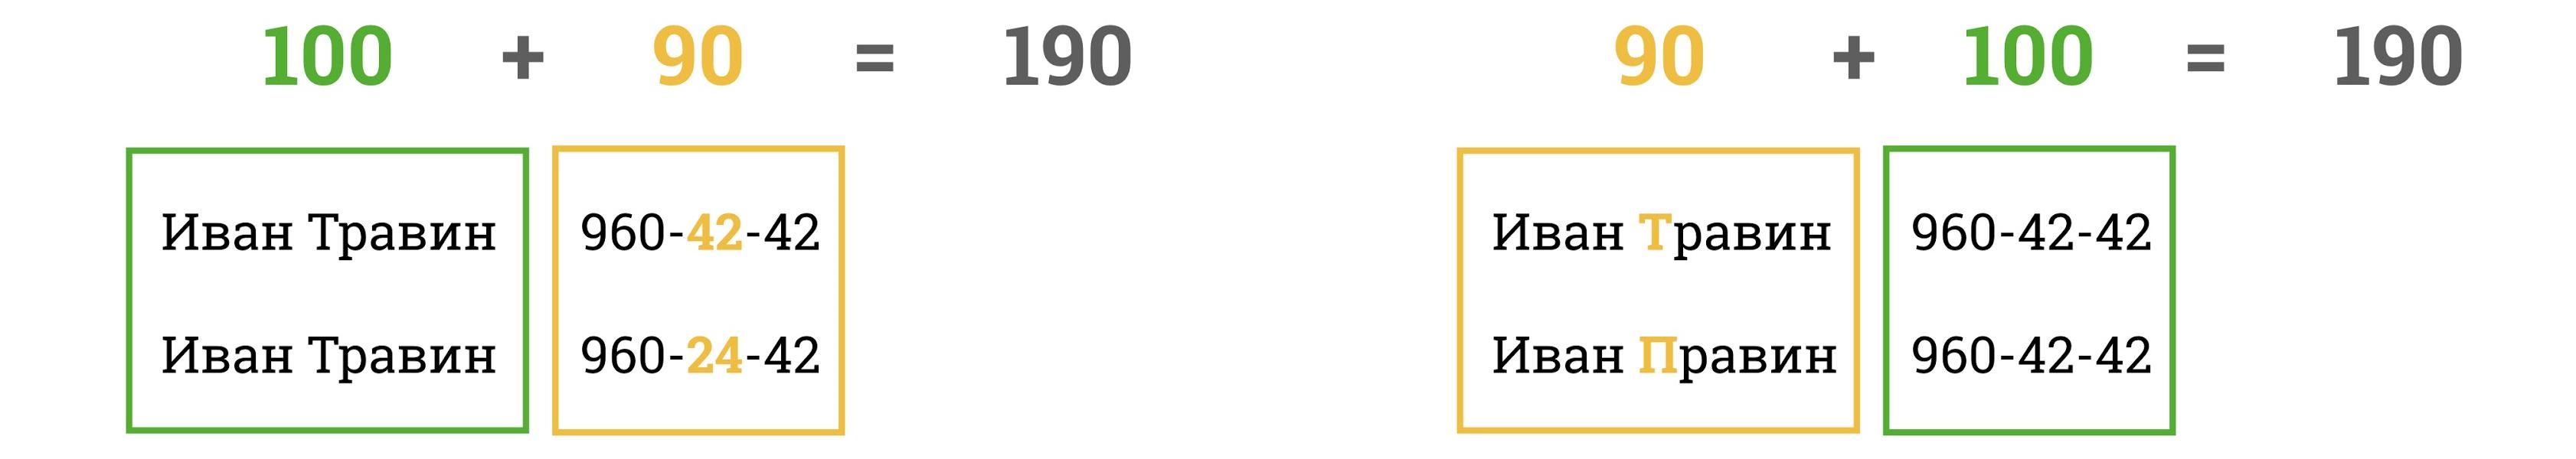 Опечатка в фамилии  совсем не то же самое, что смена порядка двух цифр вномере телефона